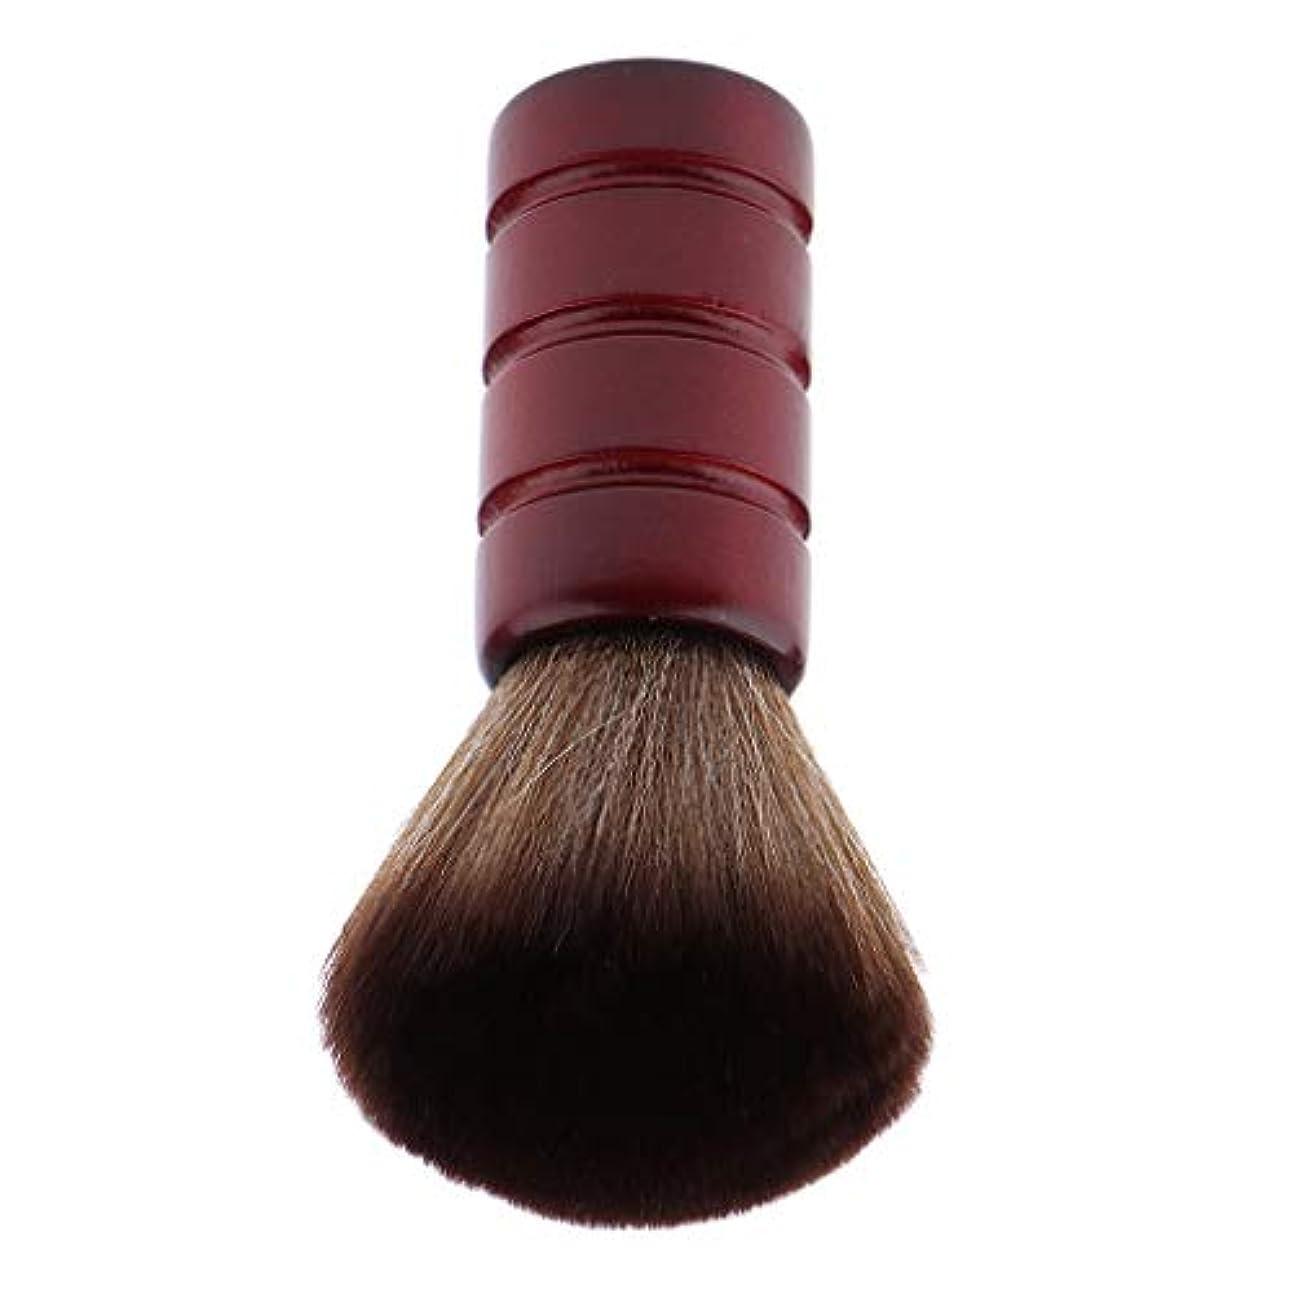 リンケージステレオタイプ記憶バーバー ネックダスターブラシ 理髪 サロン 顔のダスターブラシ シェービング ヘアカット ブラシ